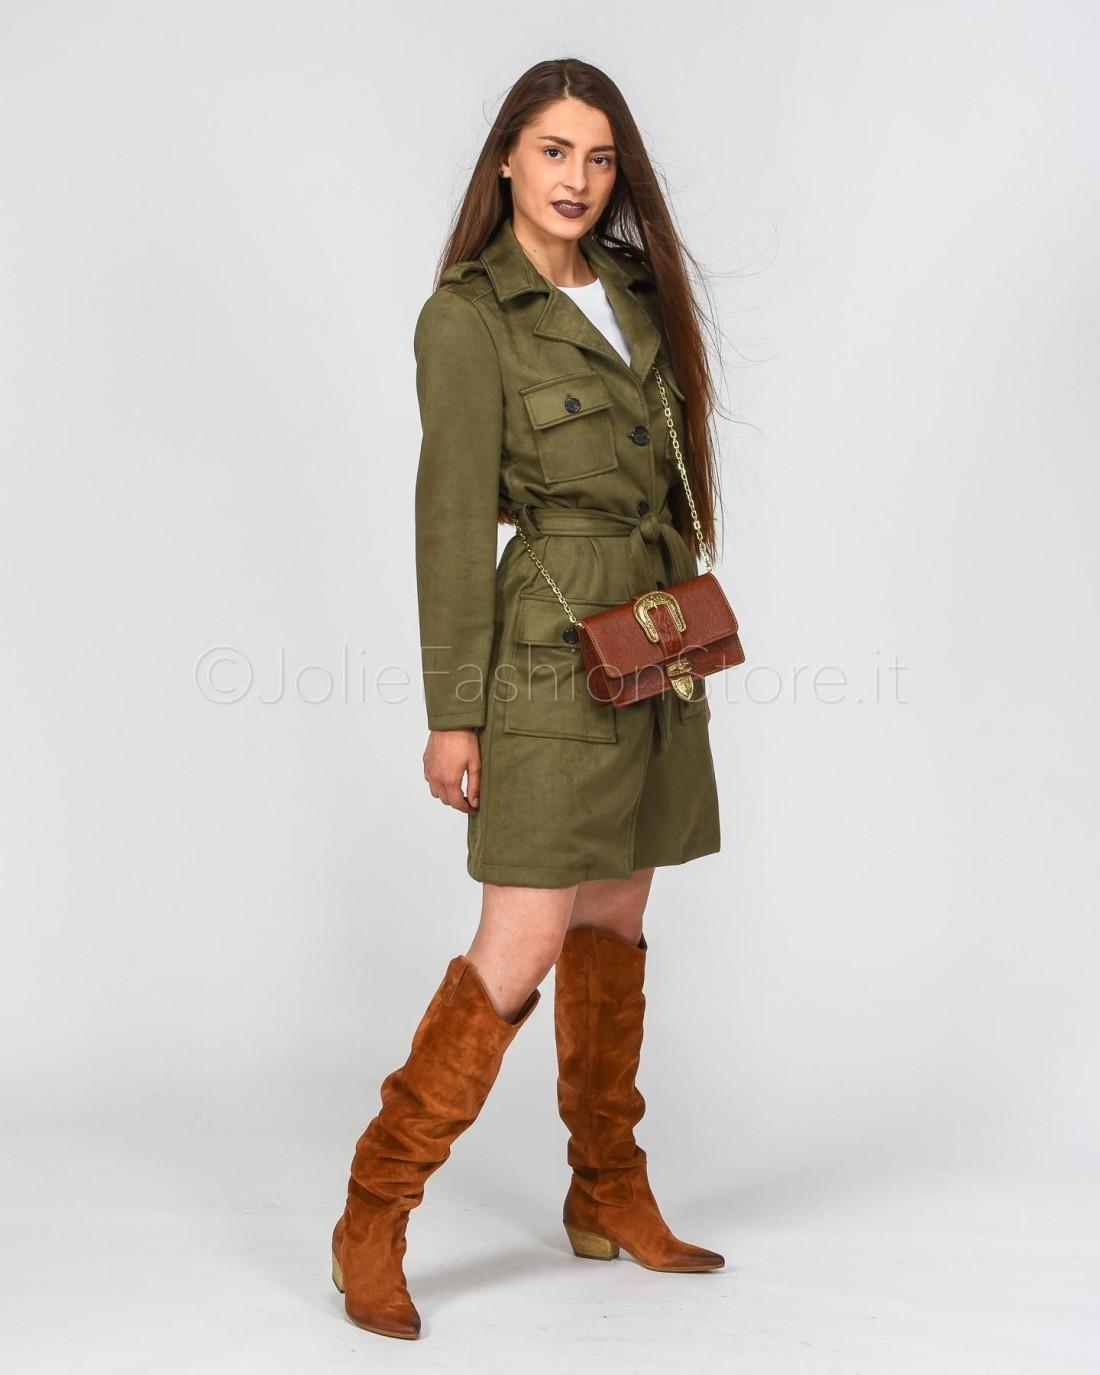 Dixie Trench in Eco Camoscio Verde Militare  SAAOLOQ-MILITARE